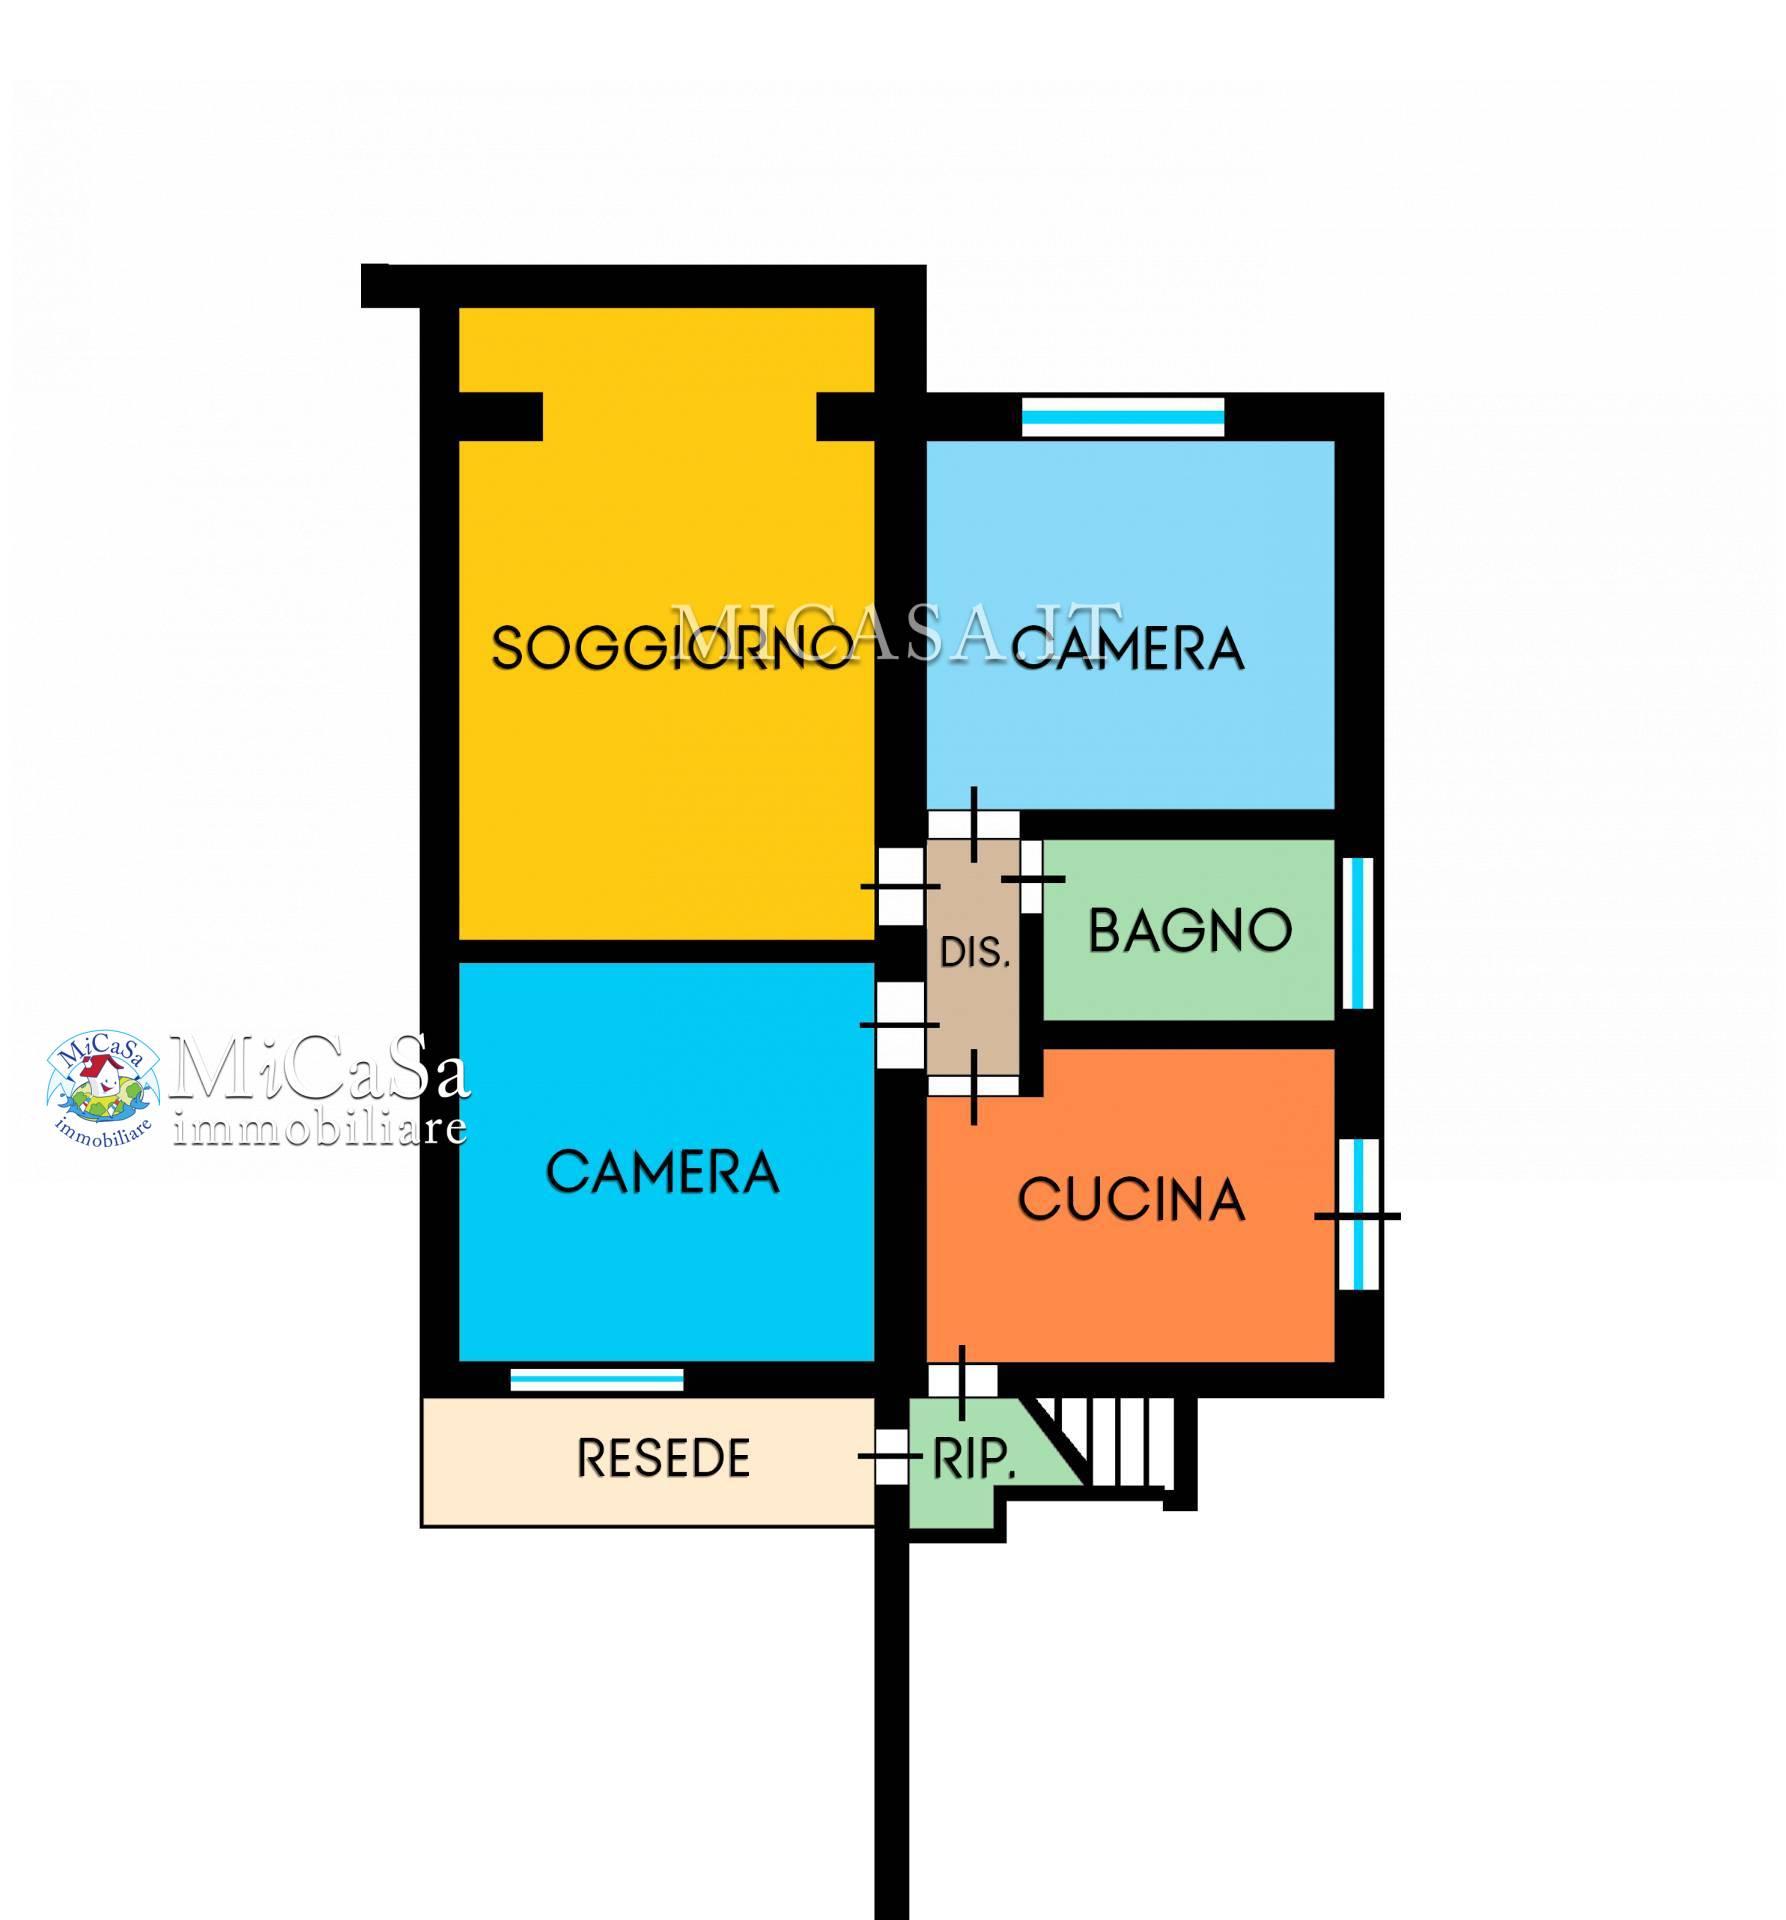 Appartamento in vendita a Pisa, 3 locali, zona Località: 1TIRRENIA, prezzo € 290.000 | CambioCasa.it